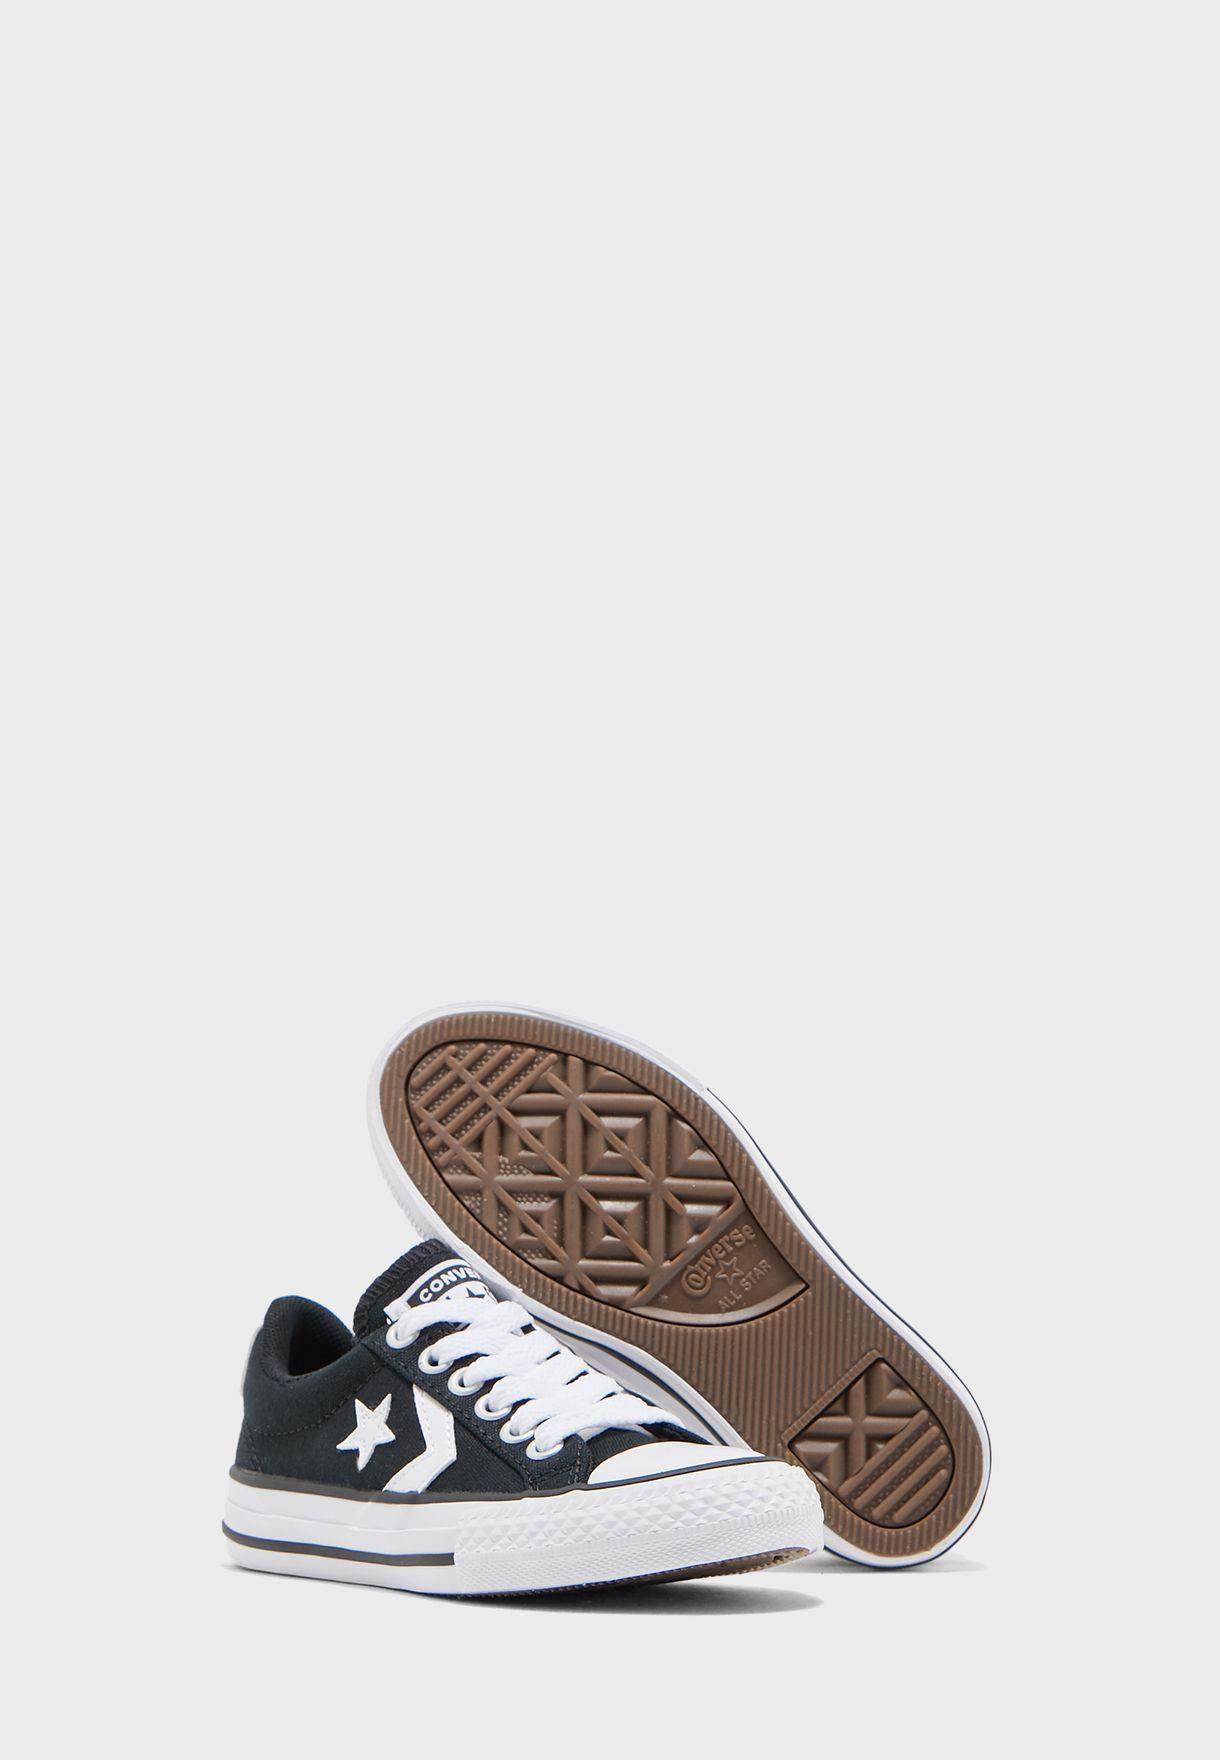 حذاء ستار ريبلاي اوكس